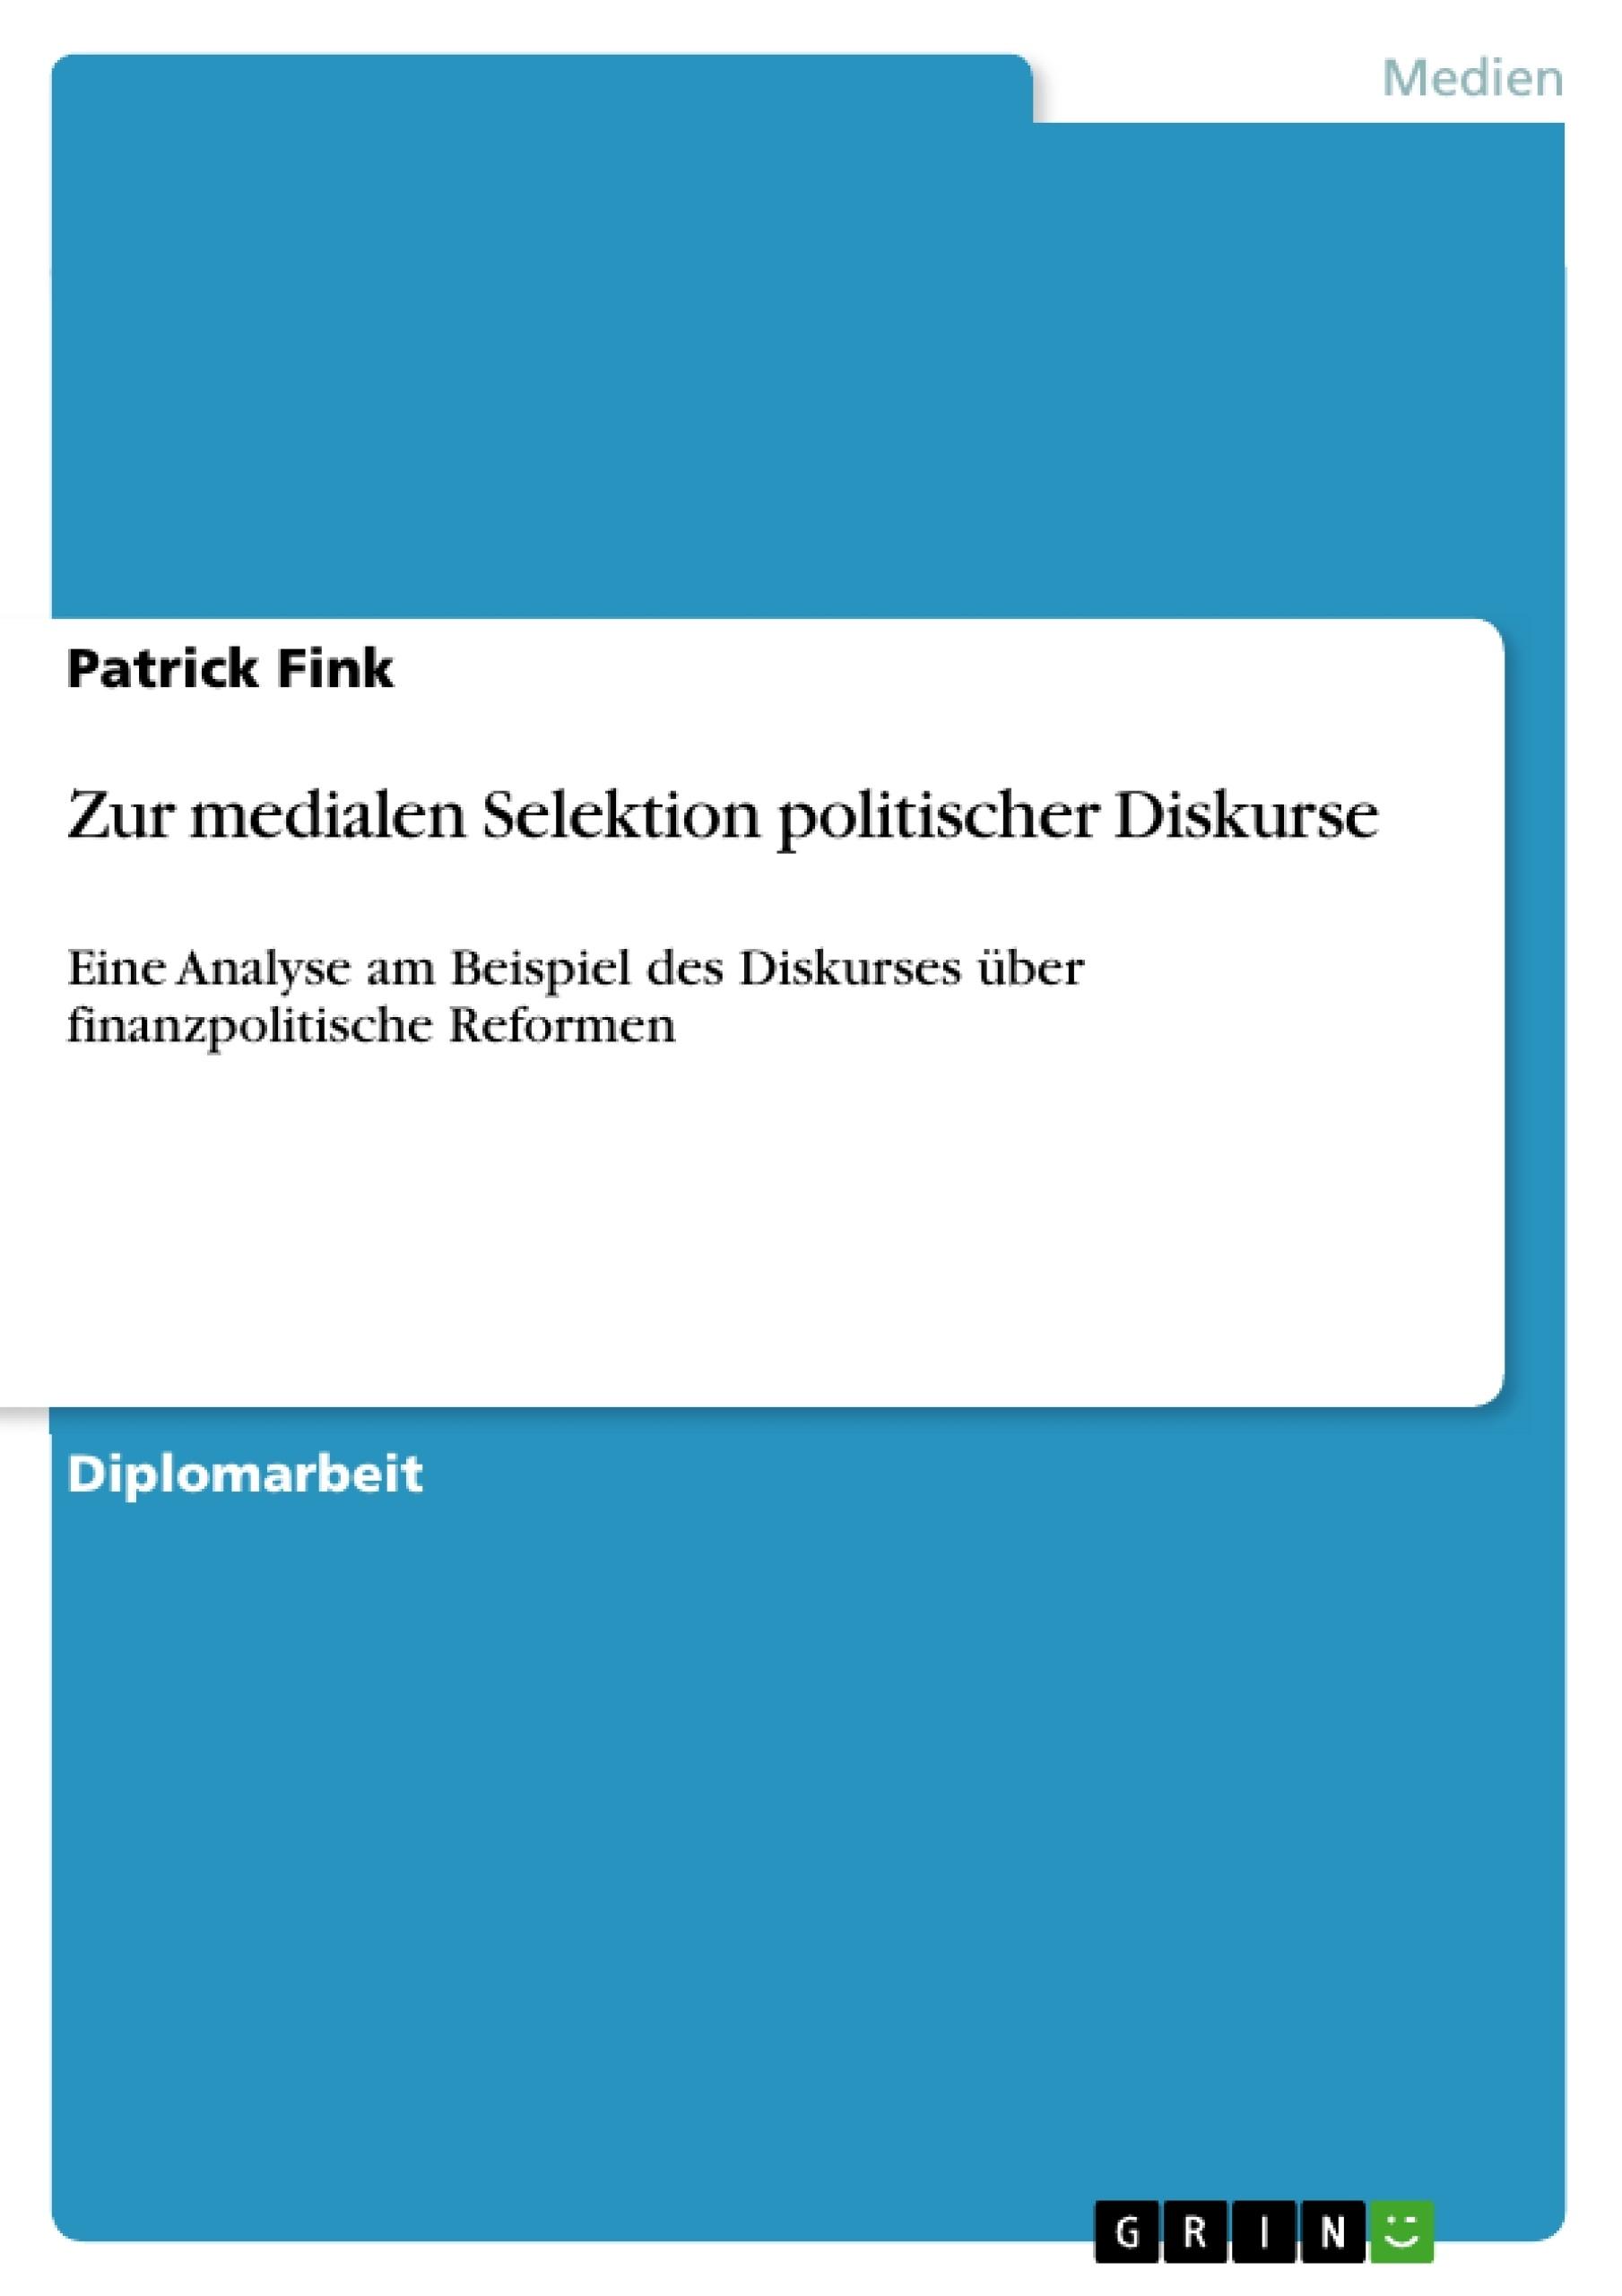 Titel: Zur medialen Selektion politischer Diskurse